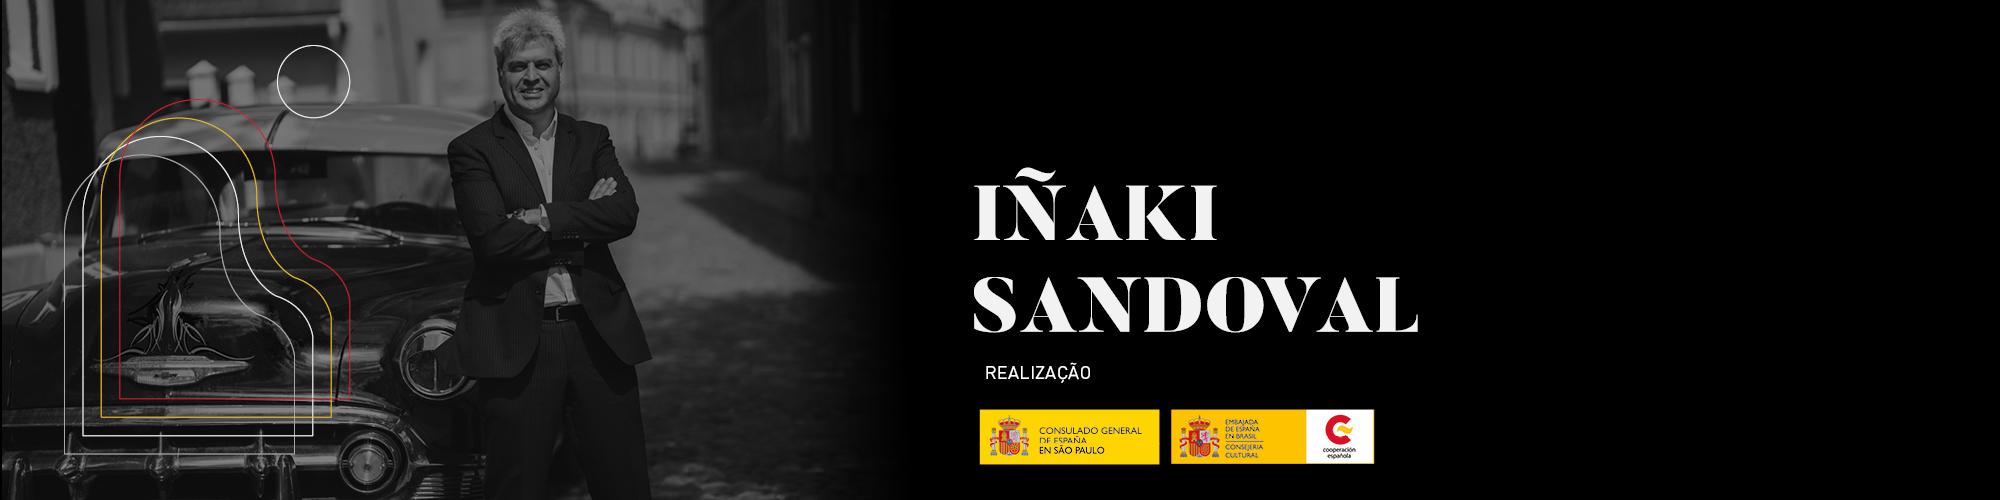 Em show, pianista Iñaki Sandoval retoma clássicos de sua discografia